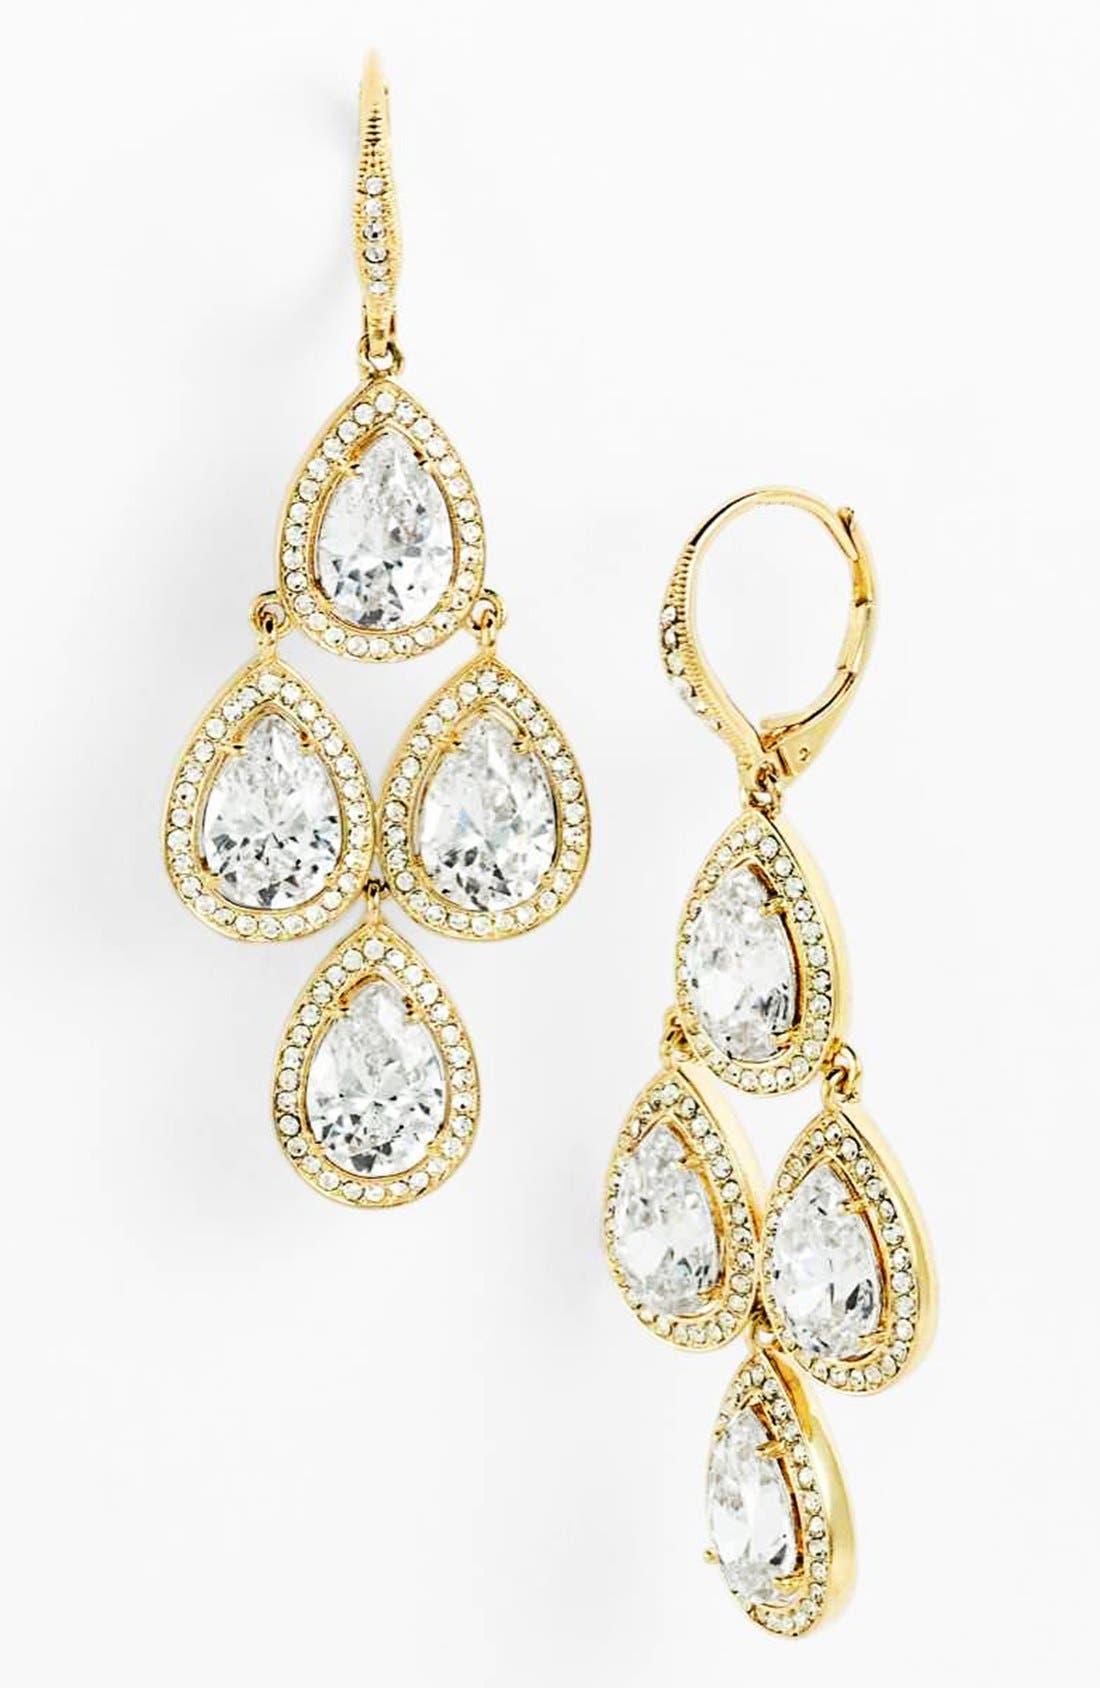 Main Image - Nadri Cubic Zirconia Chandelier Earrings (Nordstrom Exclusive)